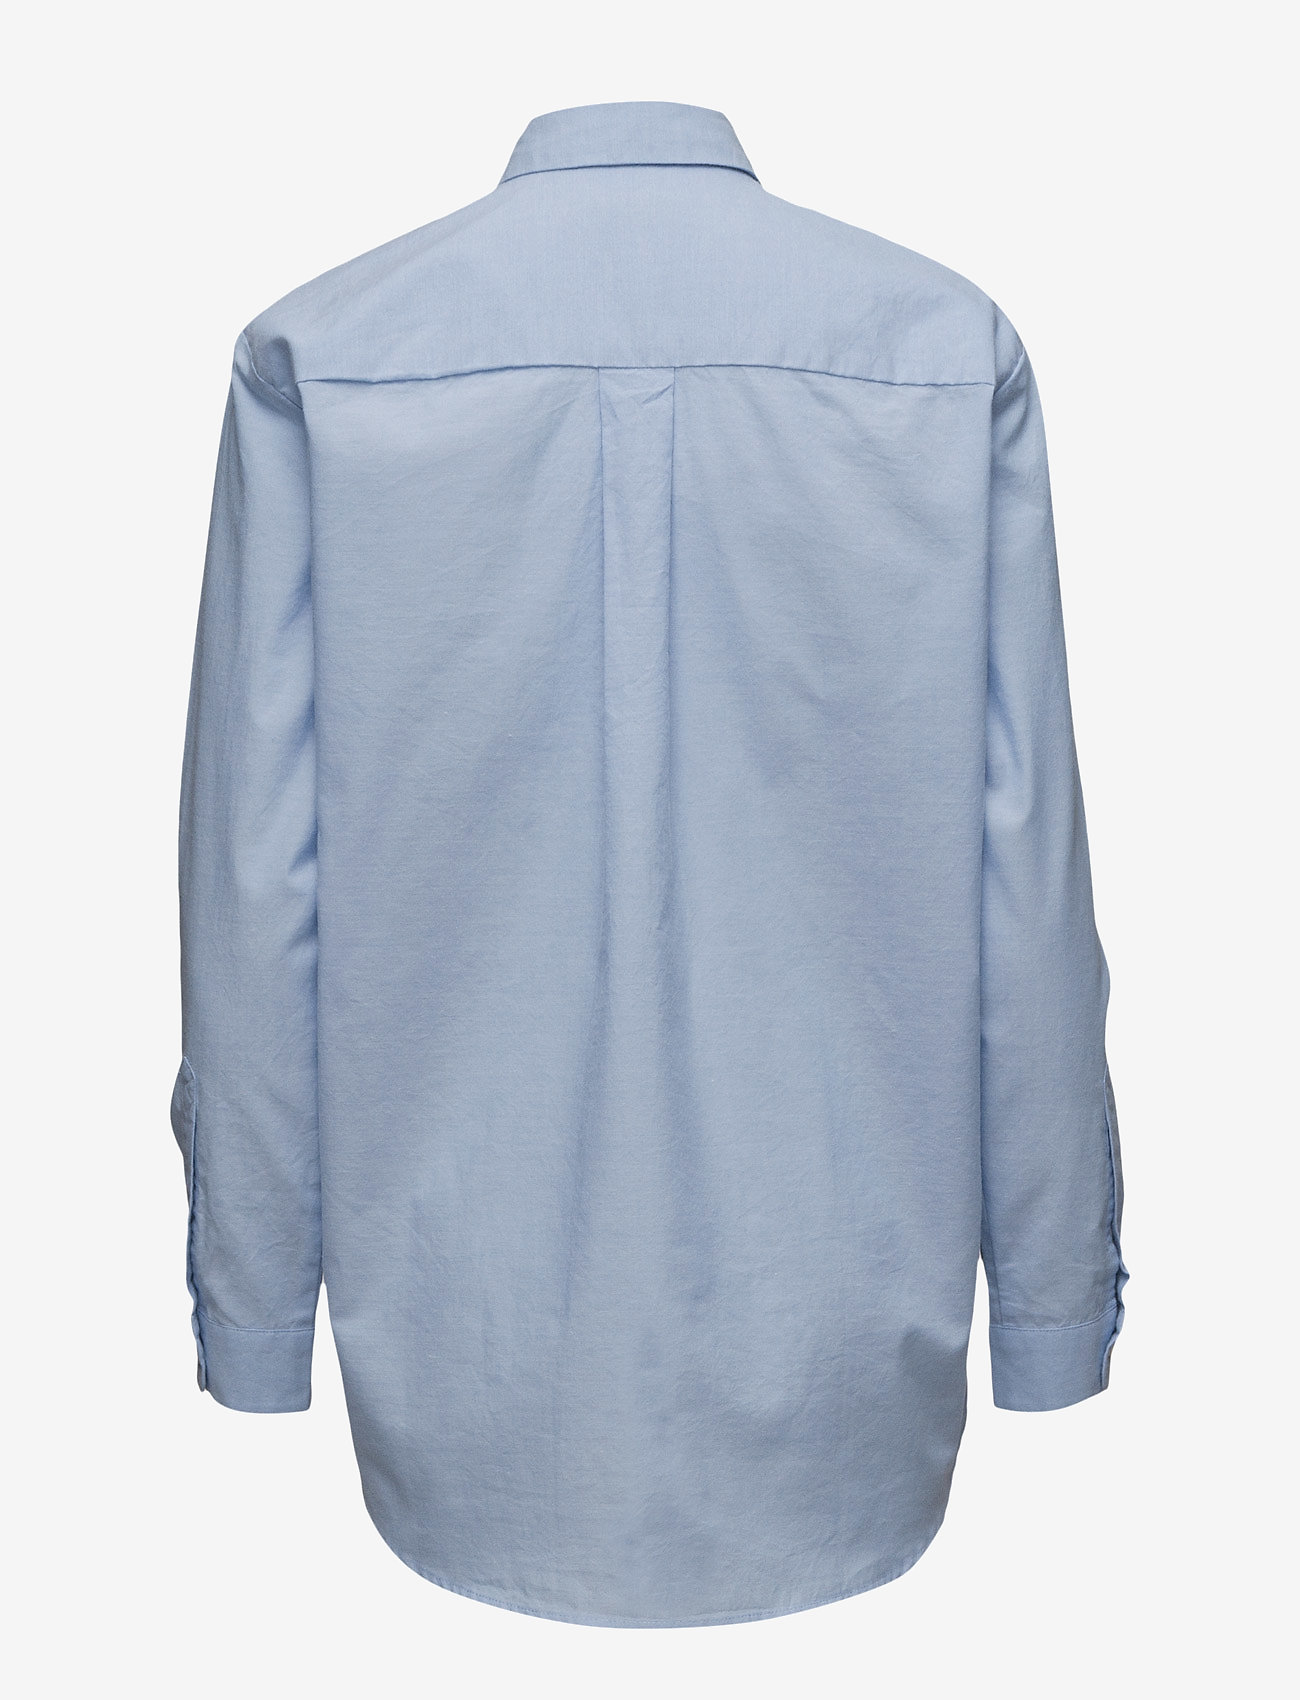 Samsøe Samsøe - Caico shirt 6135 - långärmade skjortor - 6135 oxford blue - 1